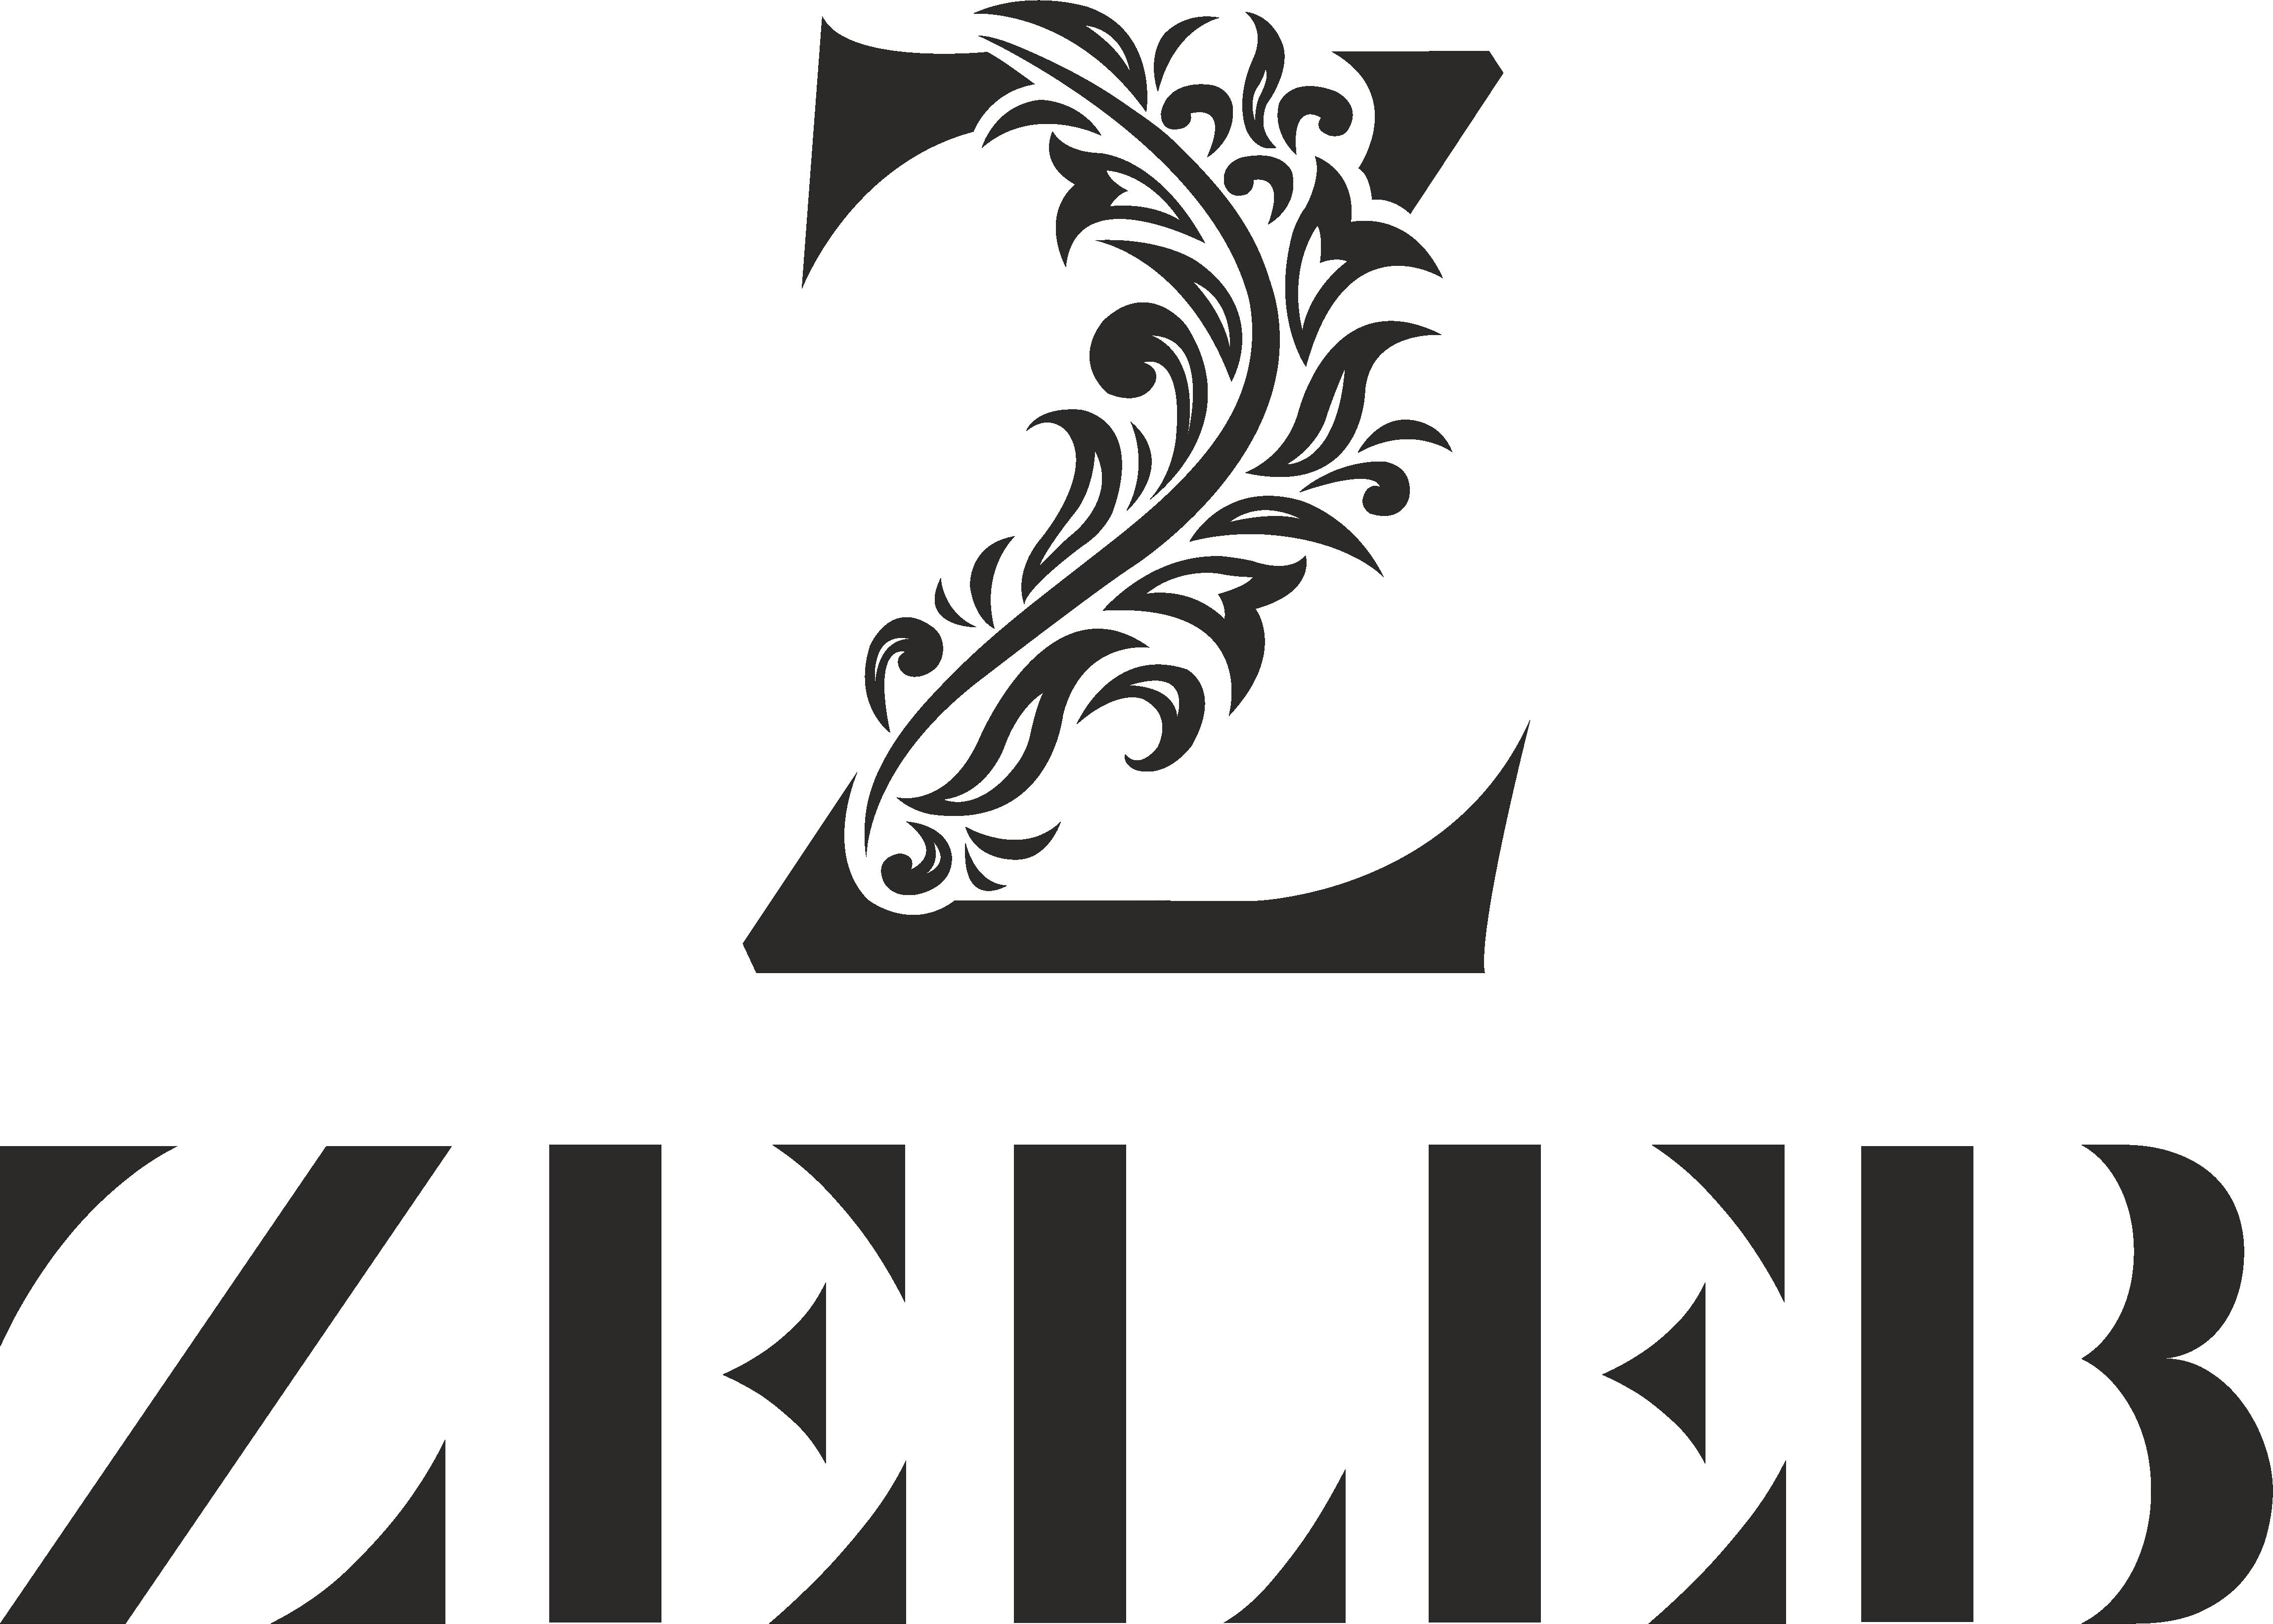 zeleb logo